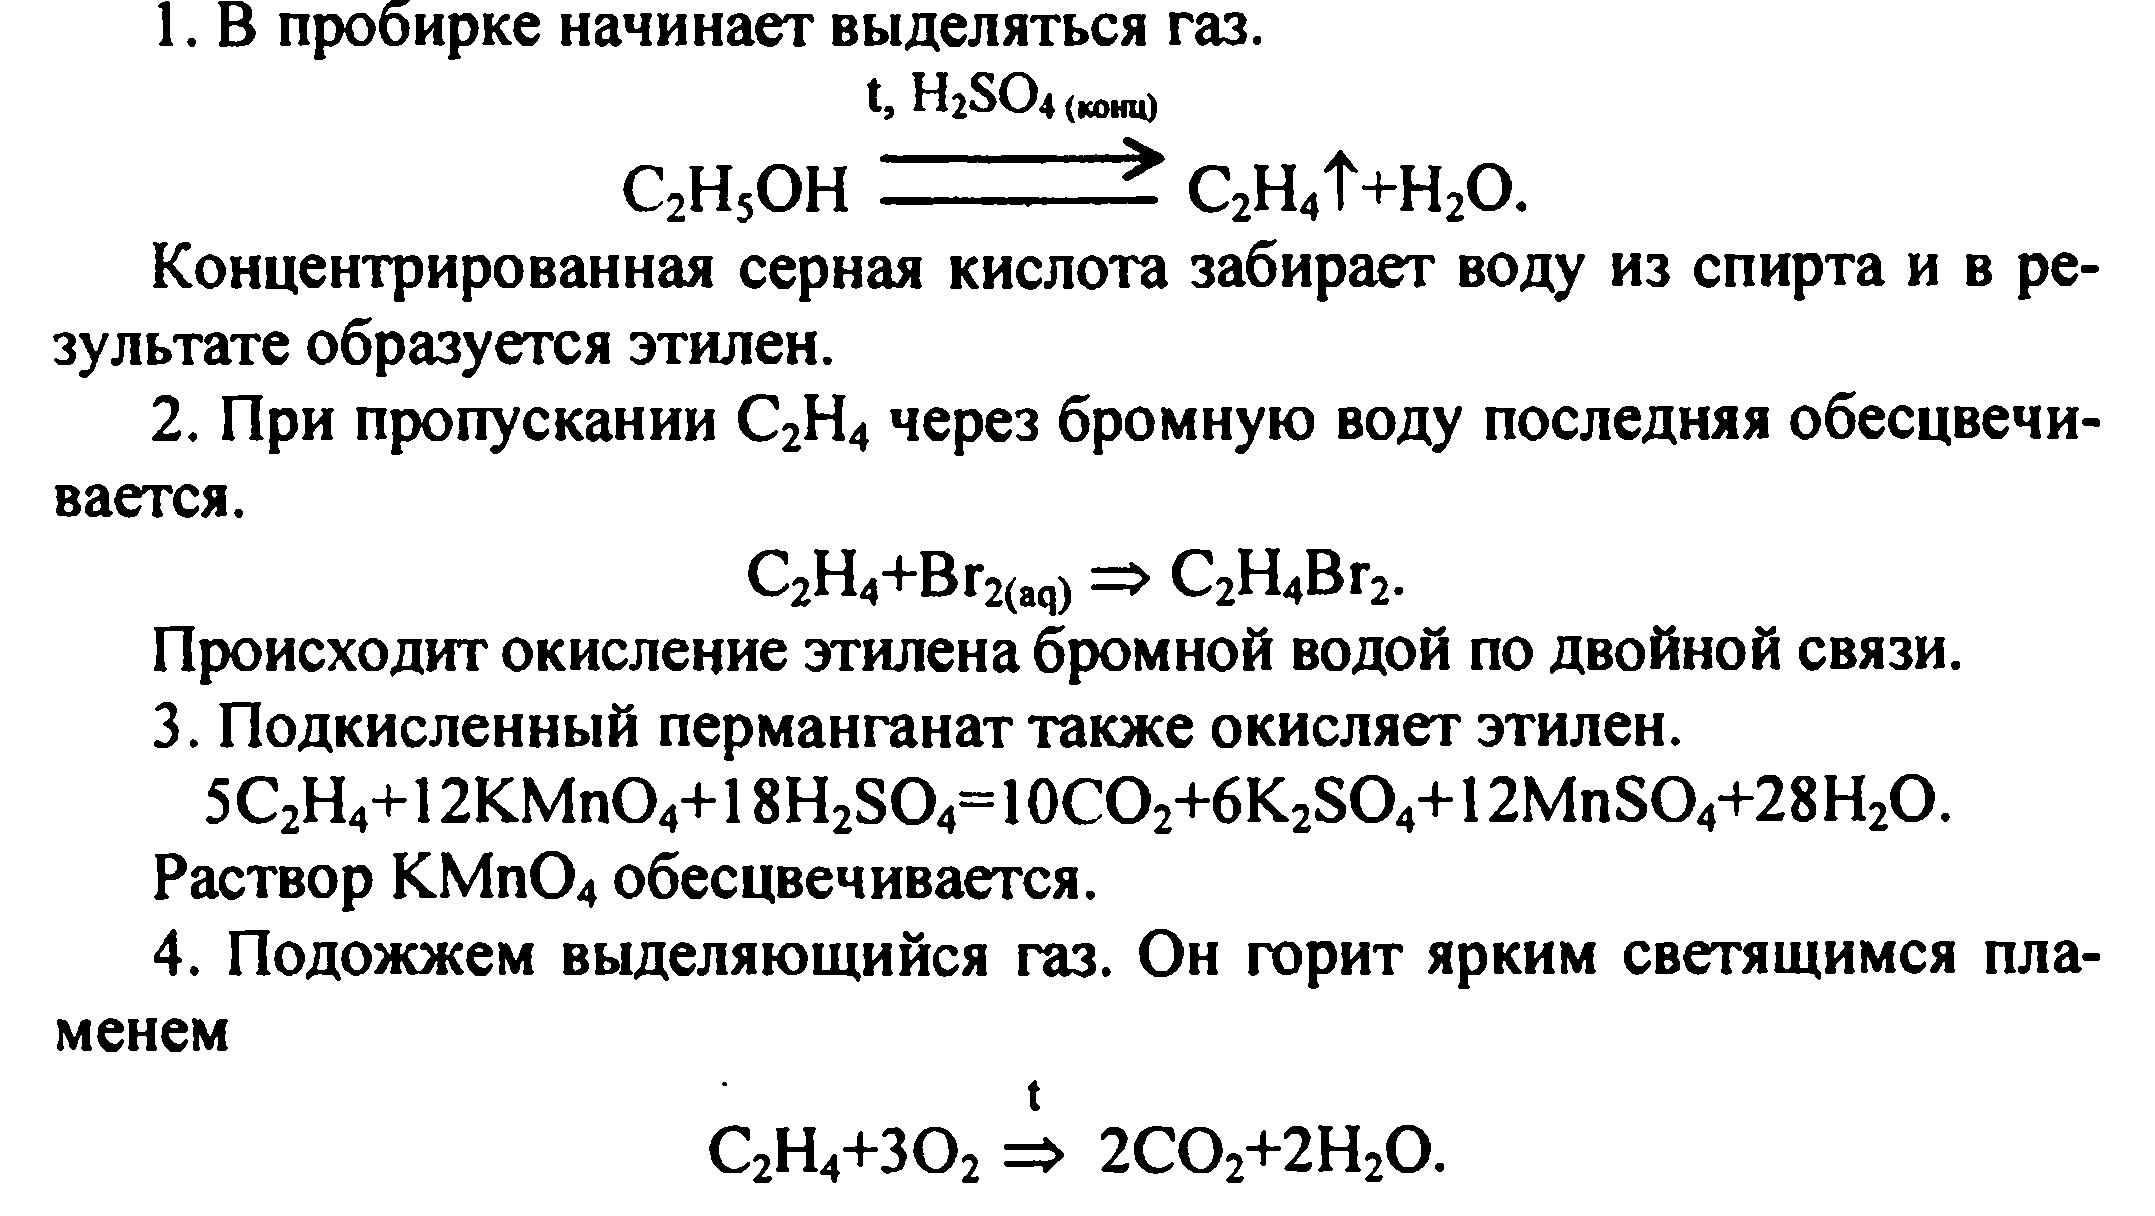 Практическая работа № 10(c). Получение этилена и изучение